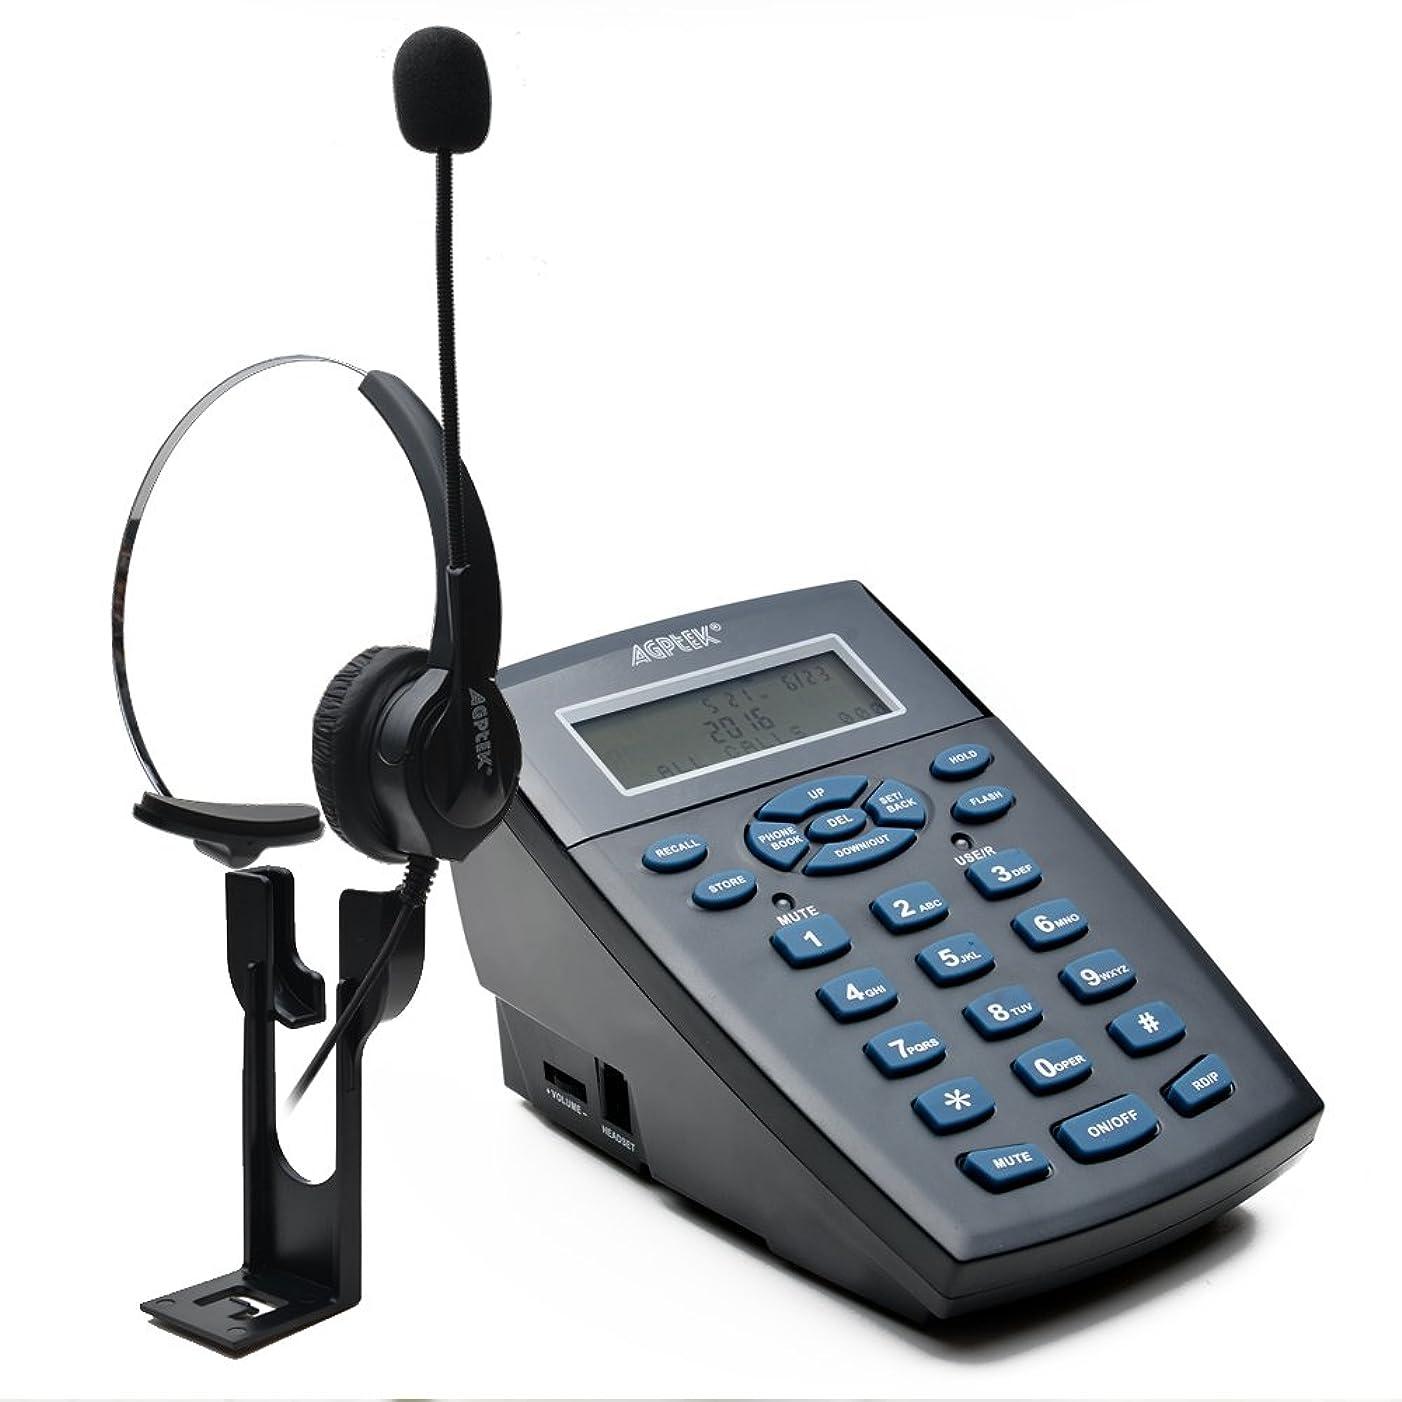 他の場所パパ妖精AGPTEK電話 コールセンター電話機 ダイヤルセット 雑音キャンセル 録音機能 LED発信者番号表示 ビジネス 電話カウンセリングサービス、販売、保険、病院、銀行、空港、通信事業者、企業